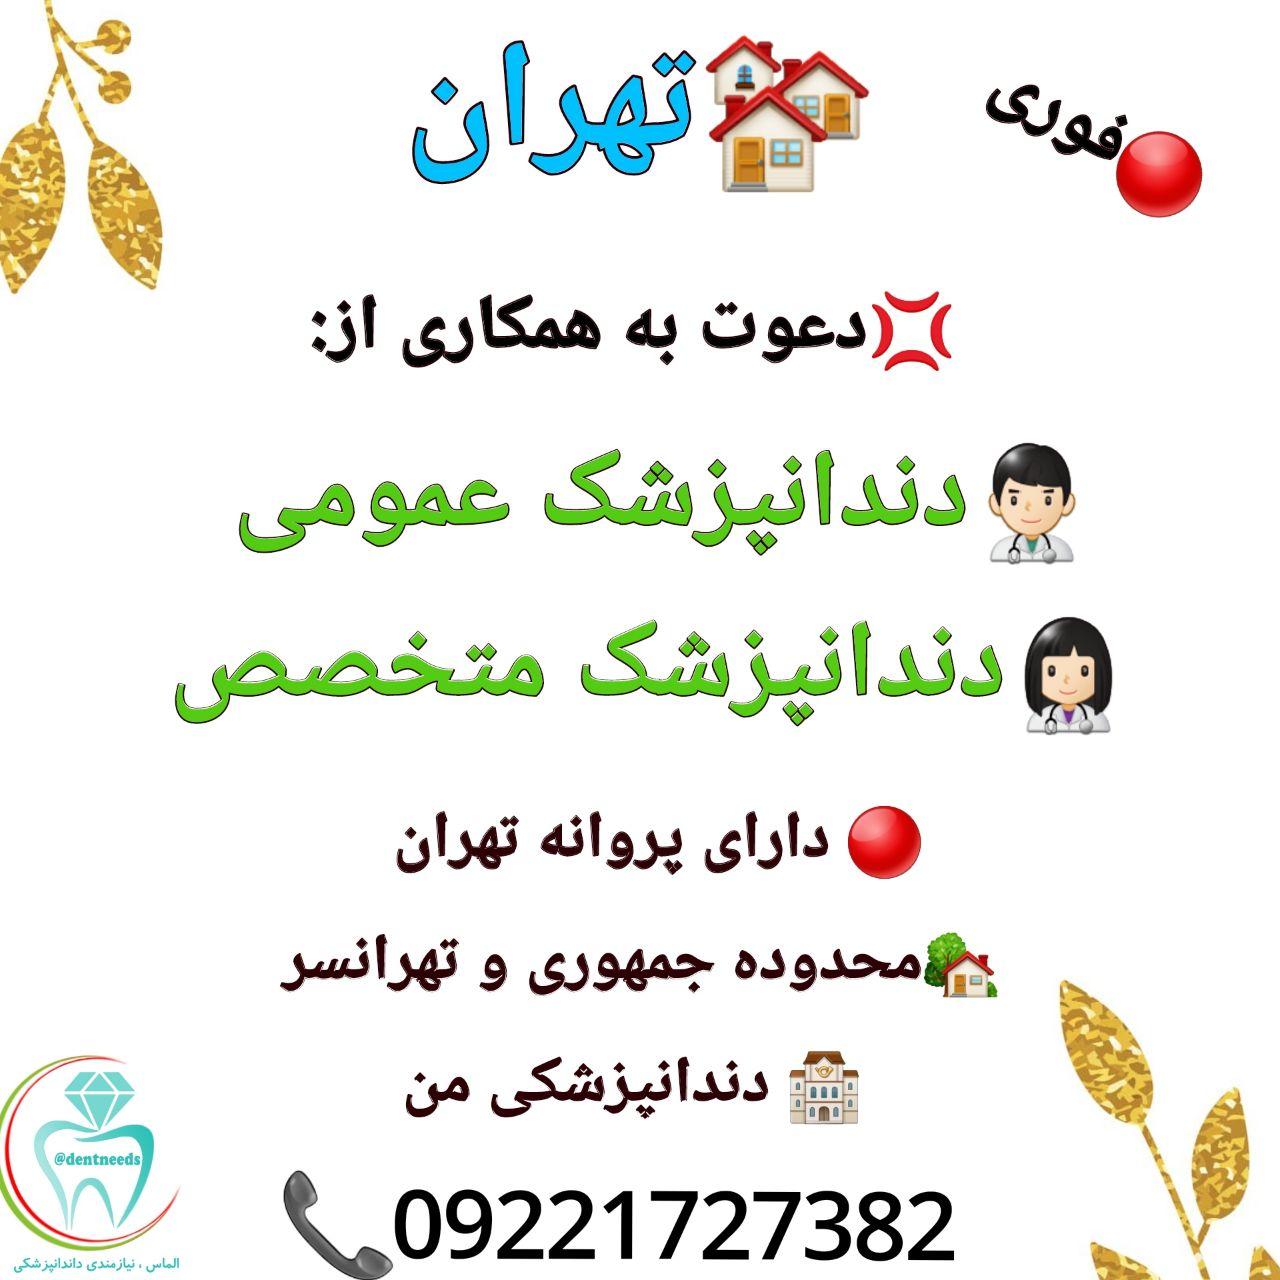 تهران: نیاز به دندانپزشک عمومی و متخصص